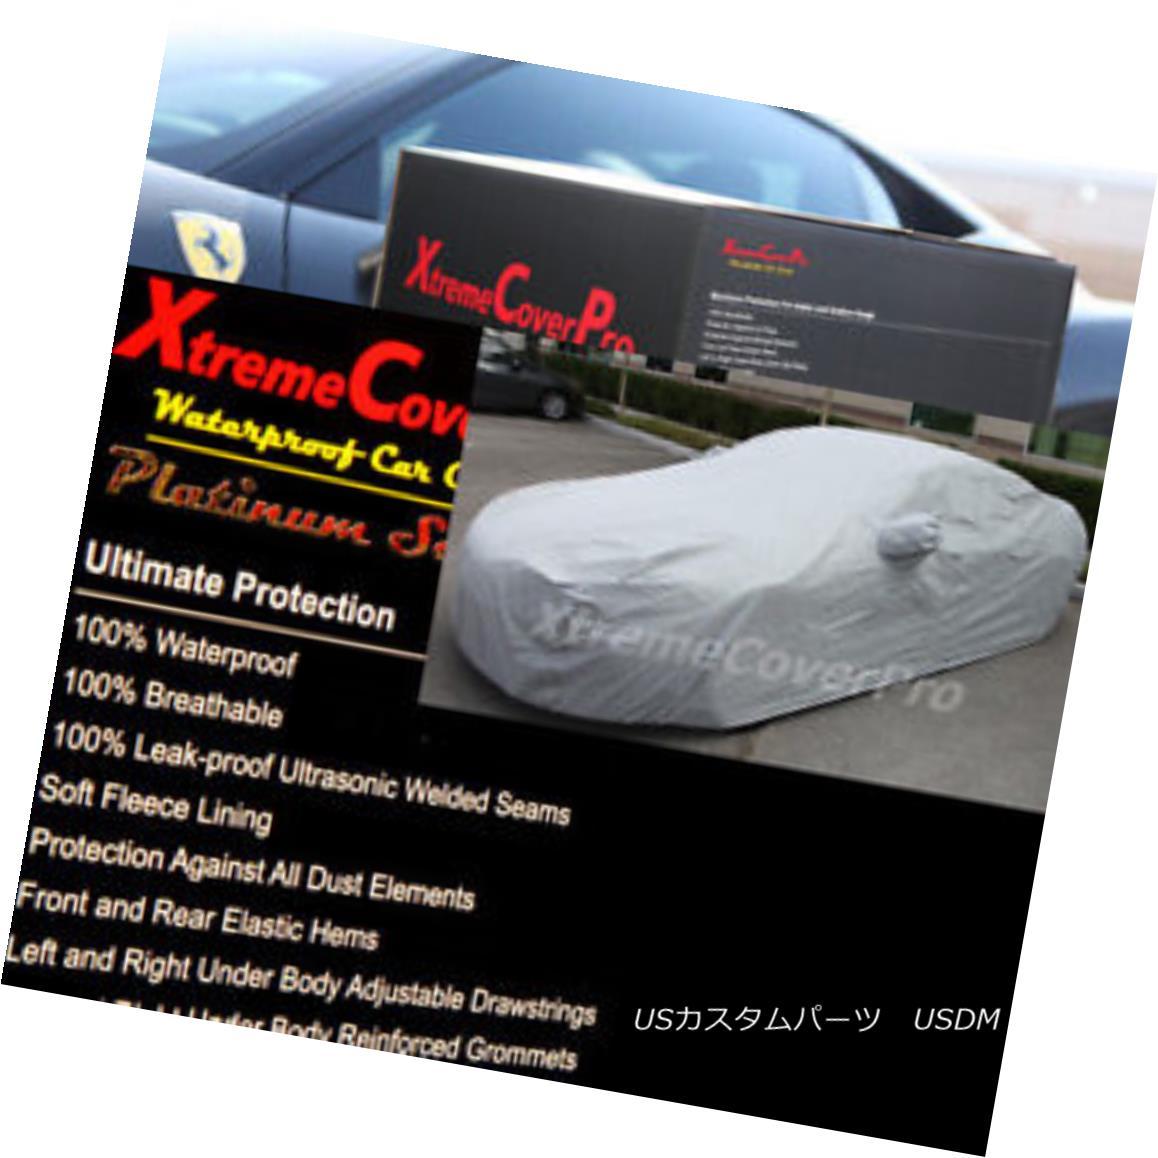 カーカバー 2015 CHRYSLER 300 Waterproof Car Cover w/Mirror Pockets - Gray 2015 CHRYSLER 300ミラーポケット付き防水カーカバー - グレー